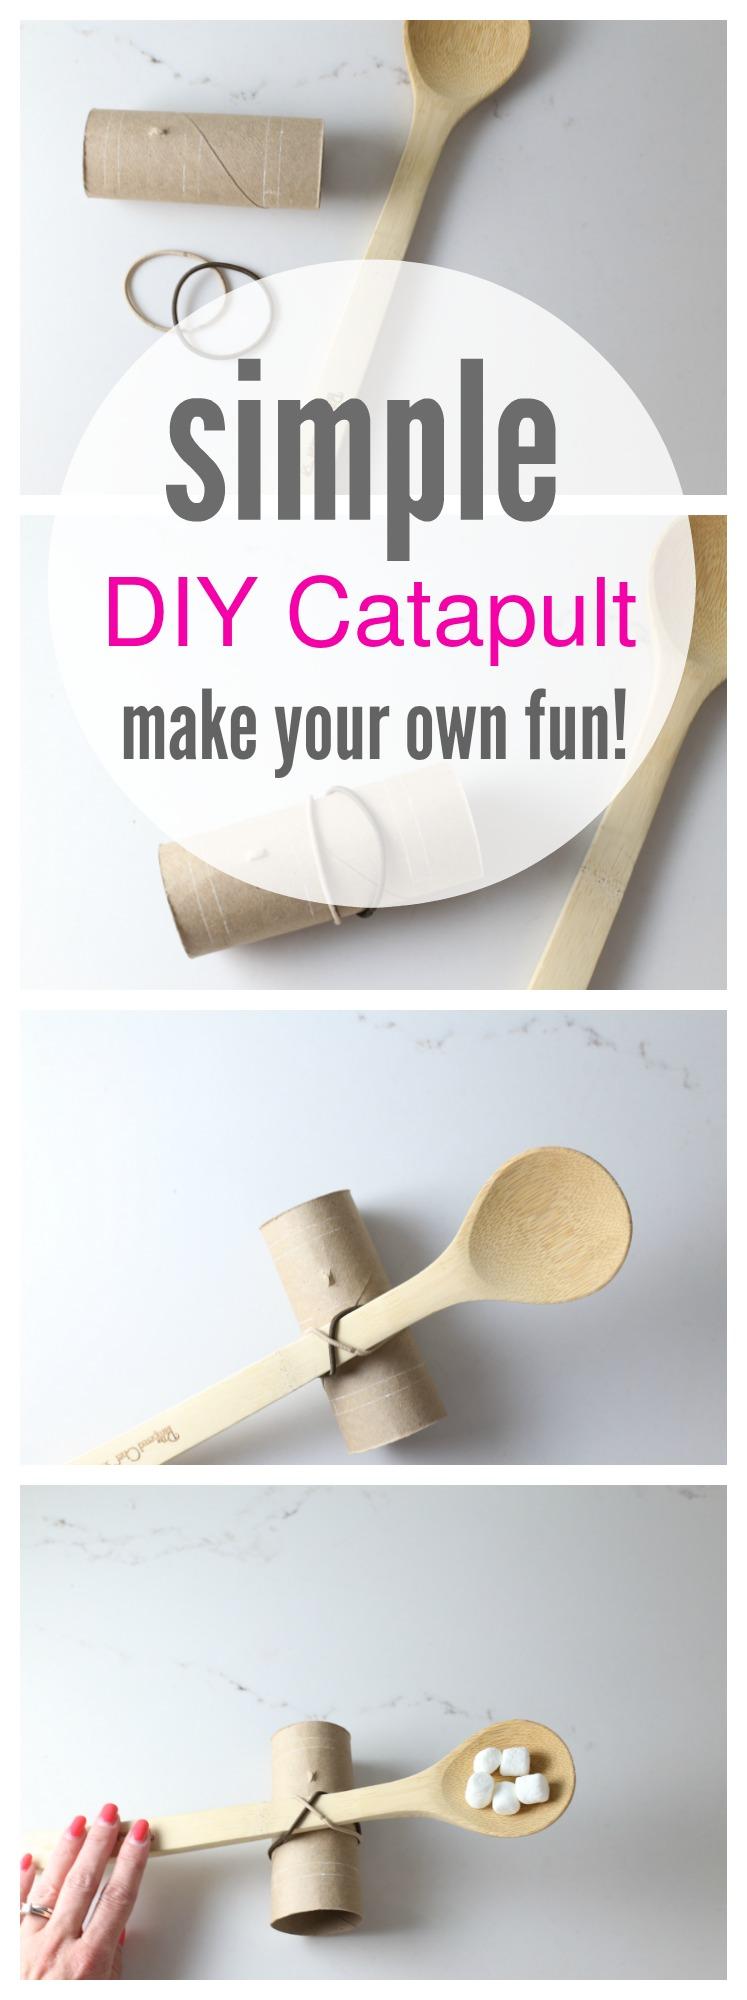 Simple DIY Catapult